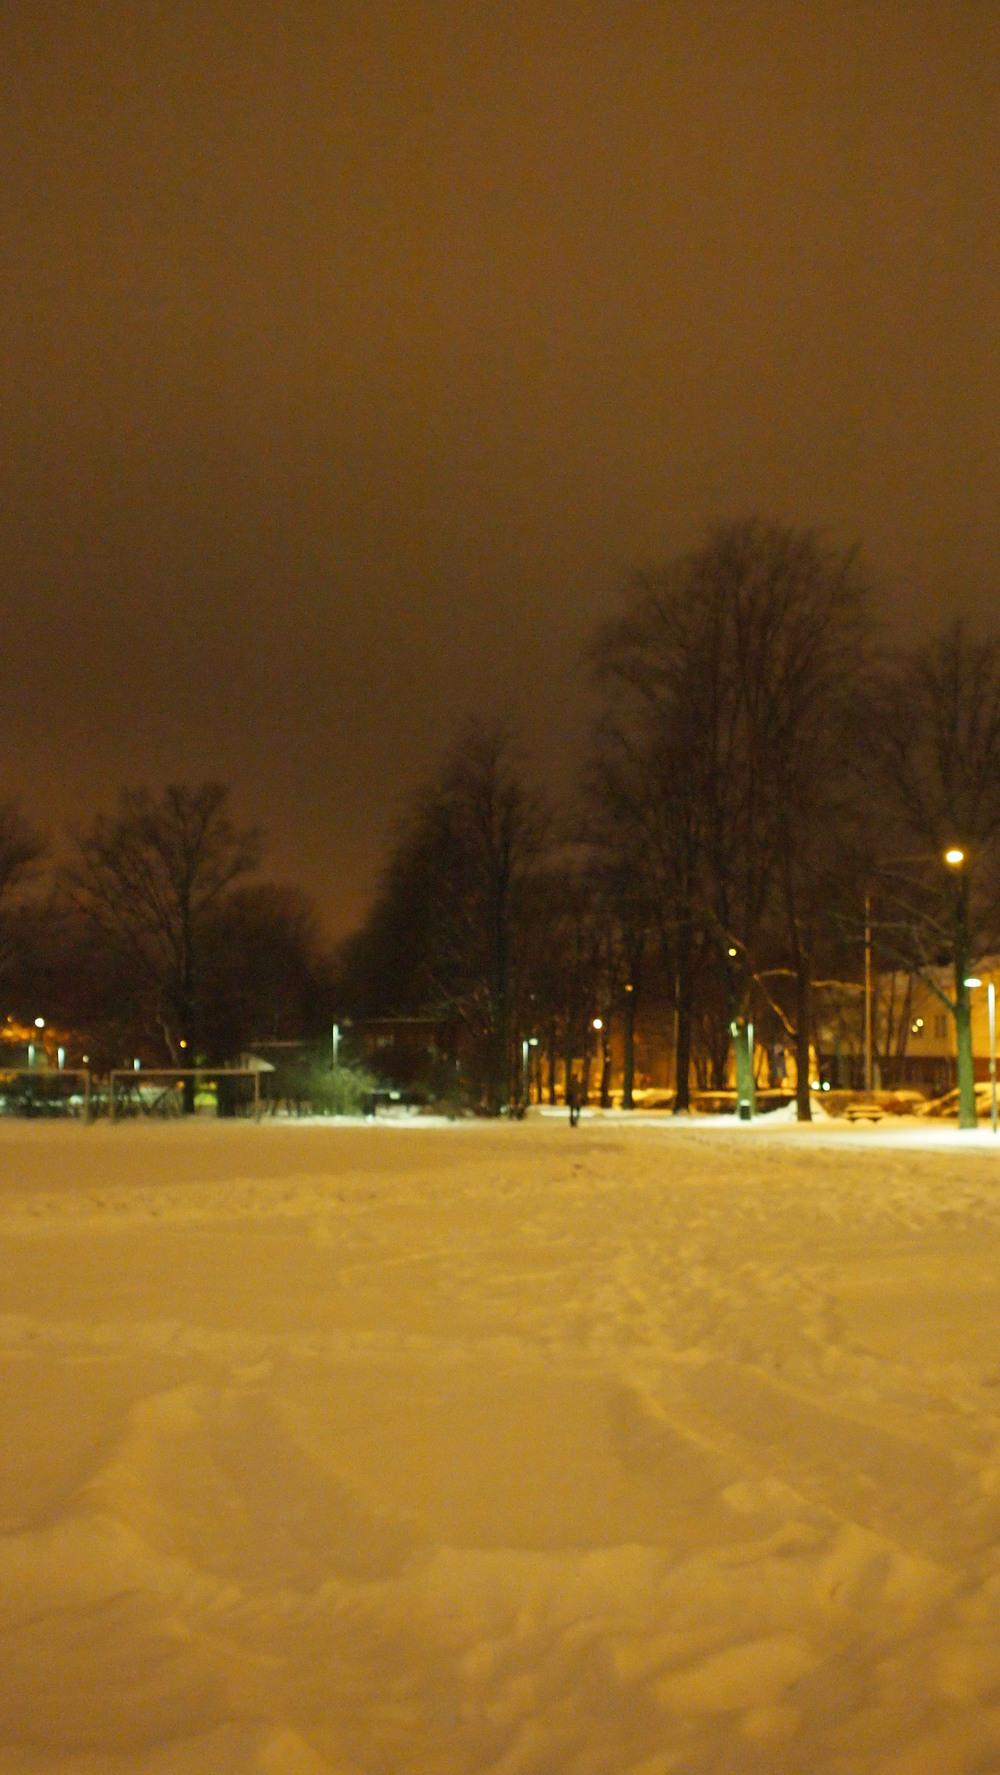 (άσπρες) Νύχτες και μέρες στο Ελσίνκι